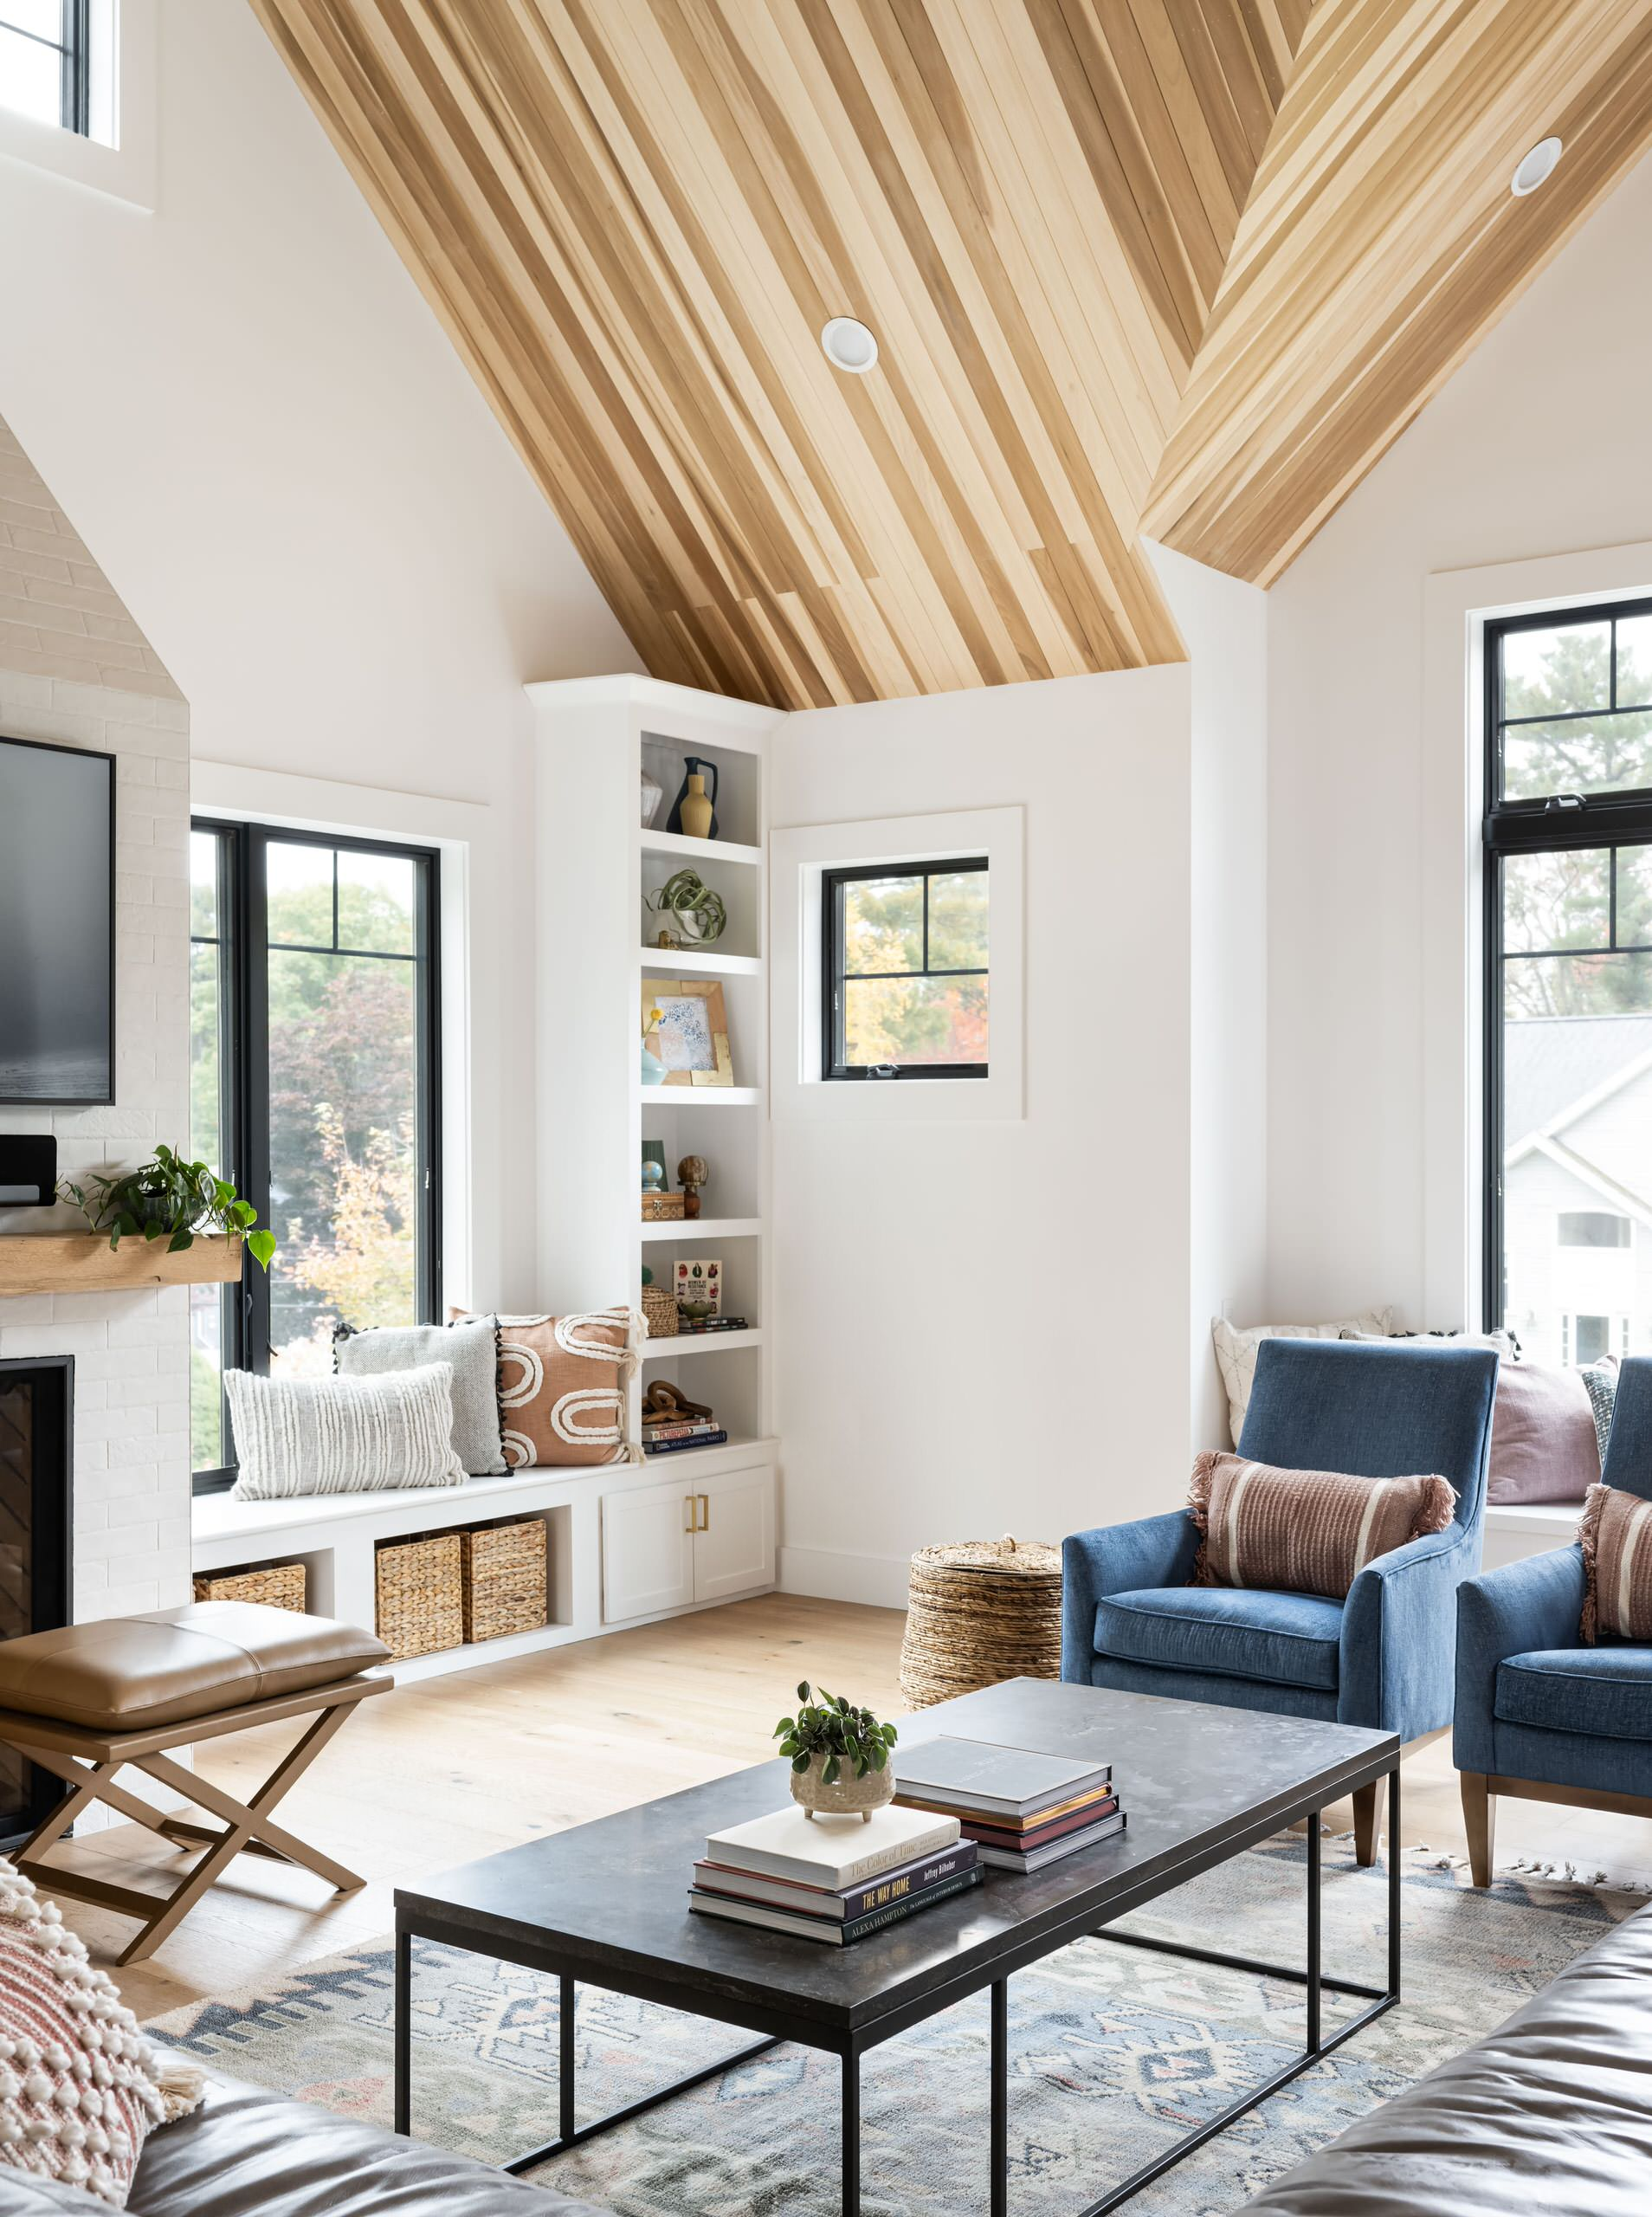 Split to modern farmhouse